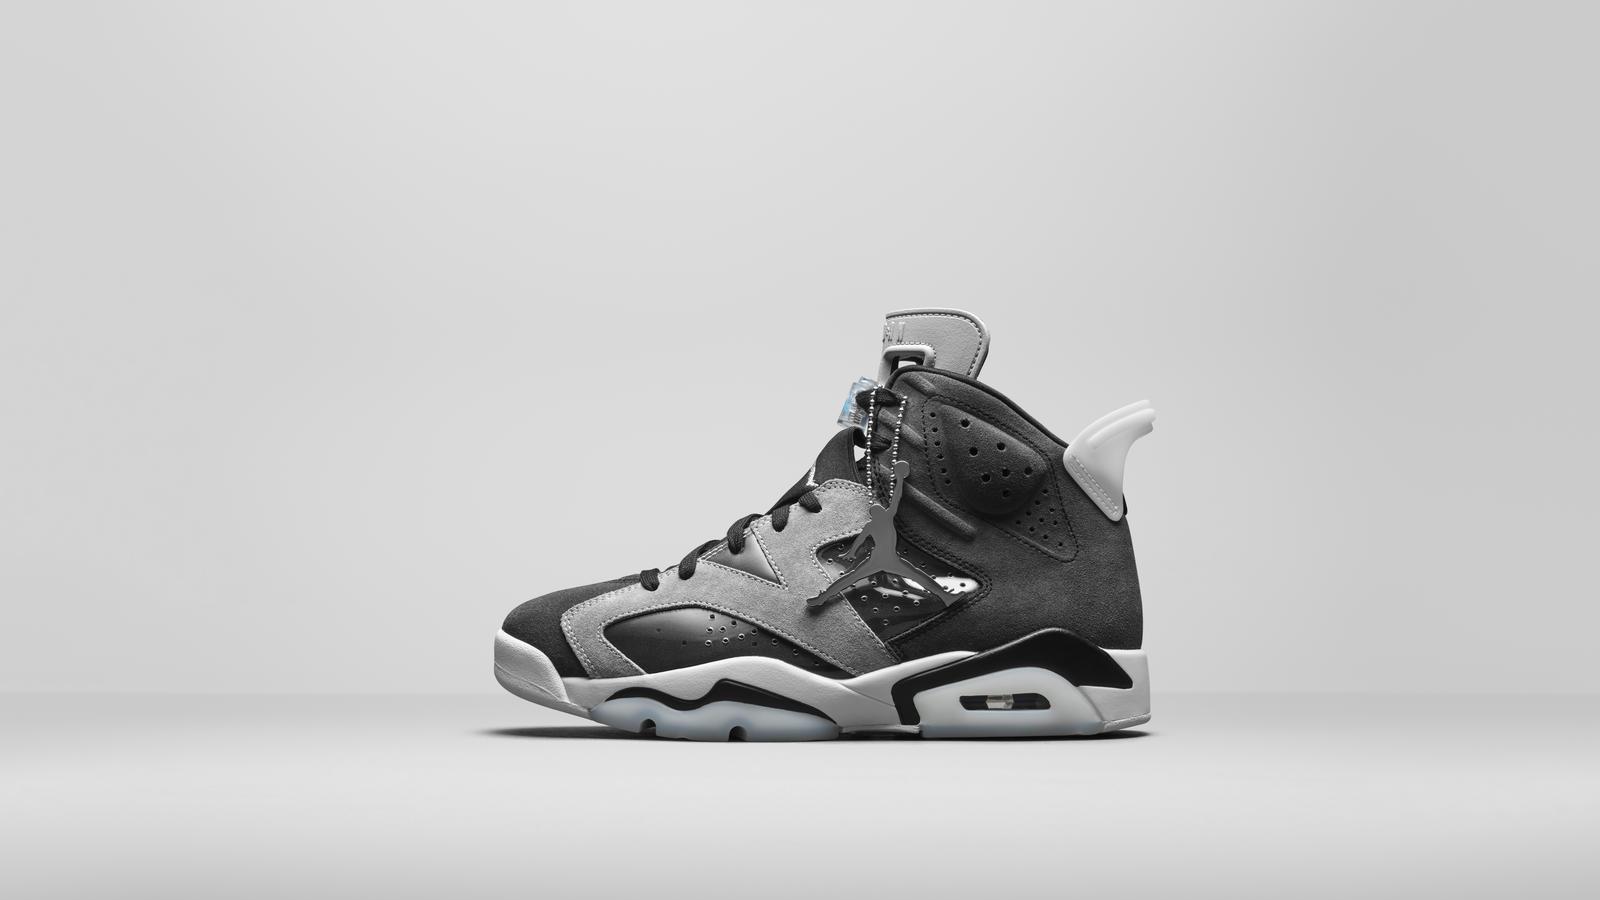 Jordan Brand Fall 2020 Releases 3